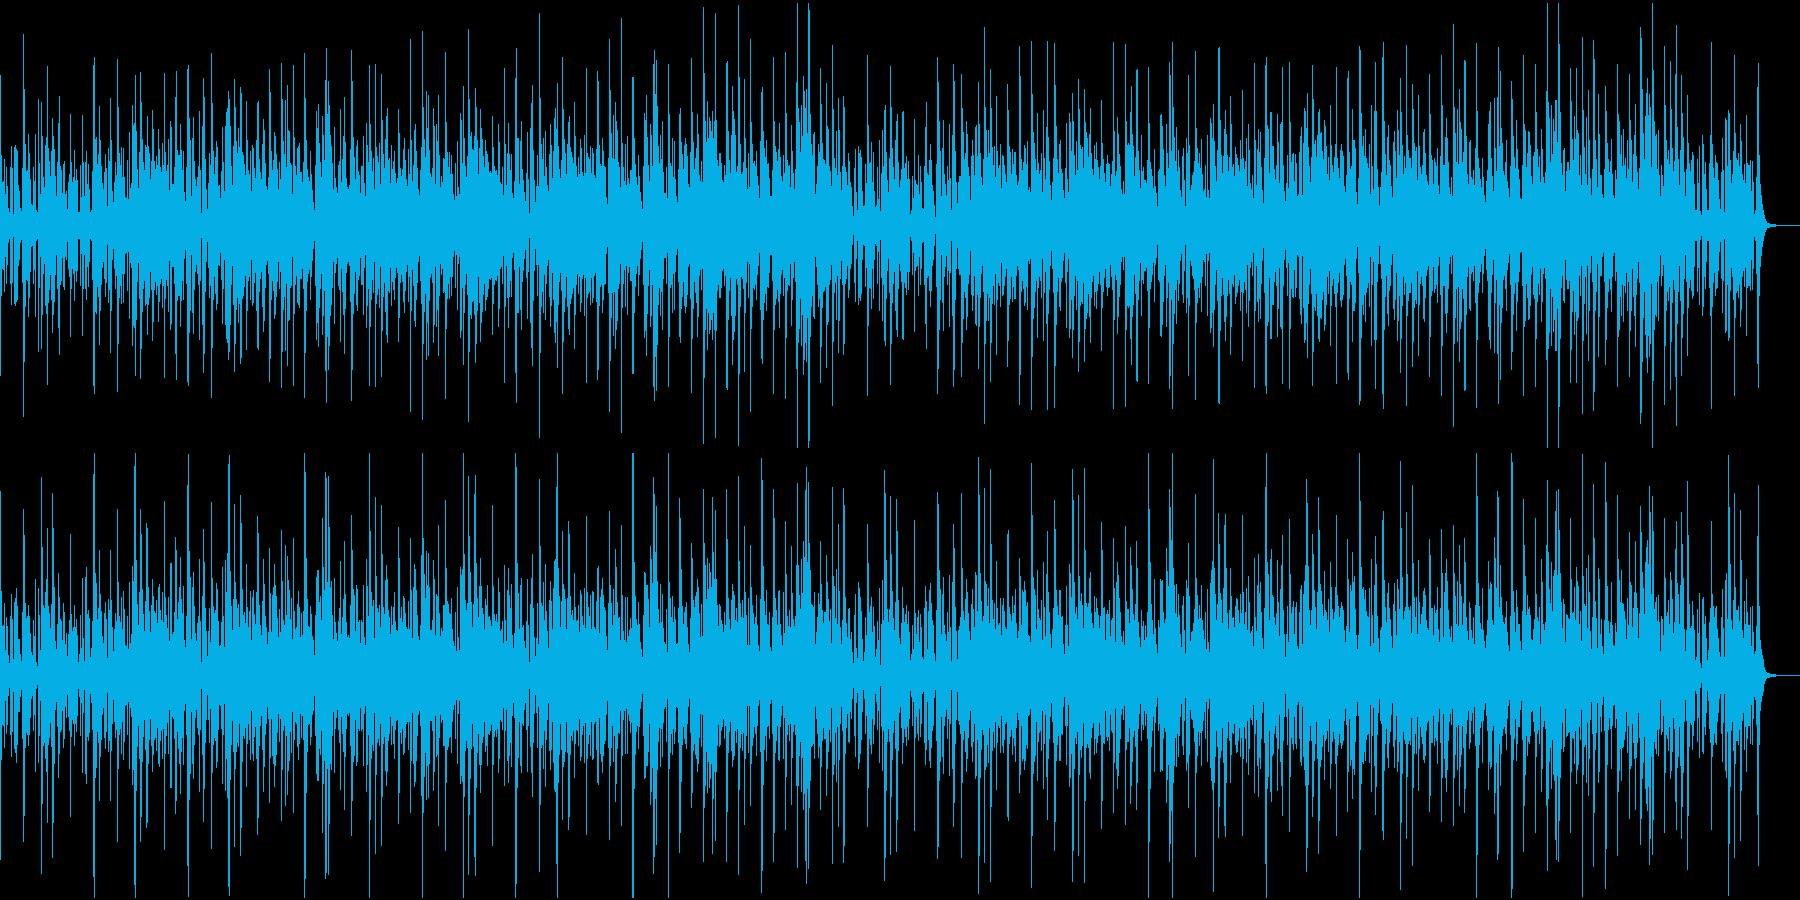 ラテン風でゆったりしたジャズの再生済みの波形